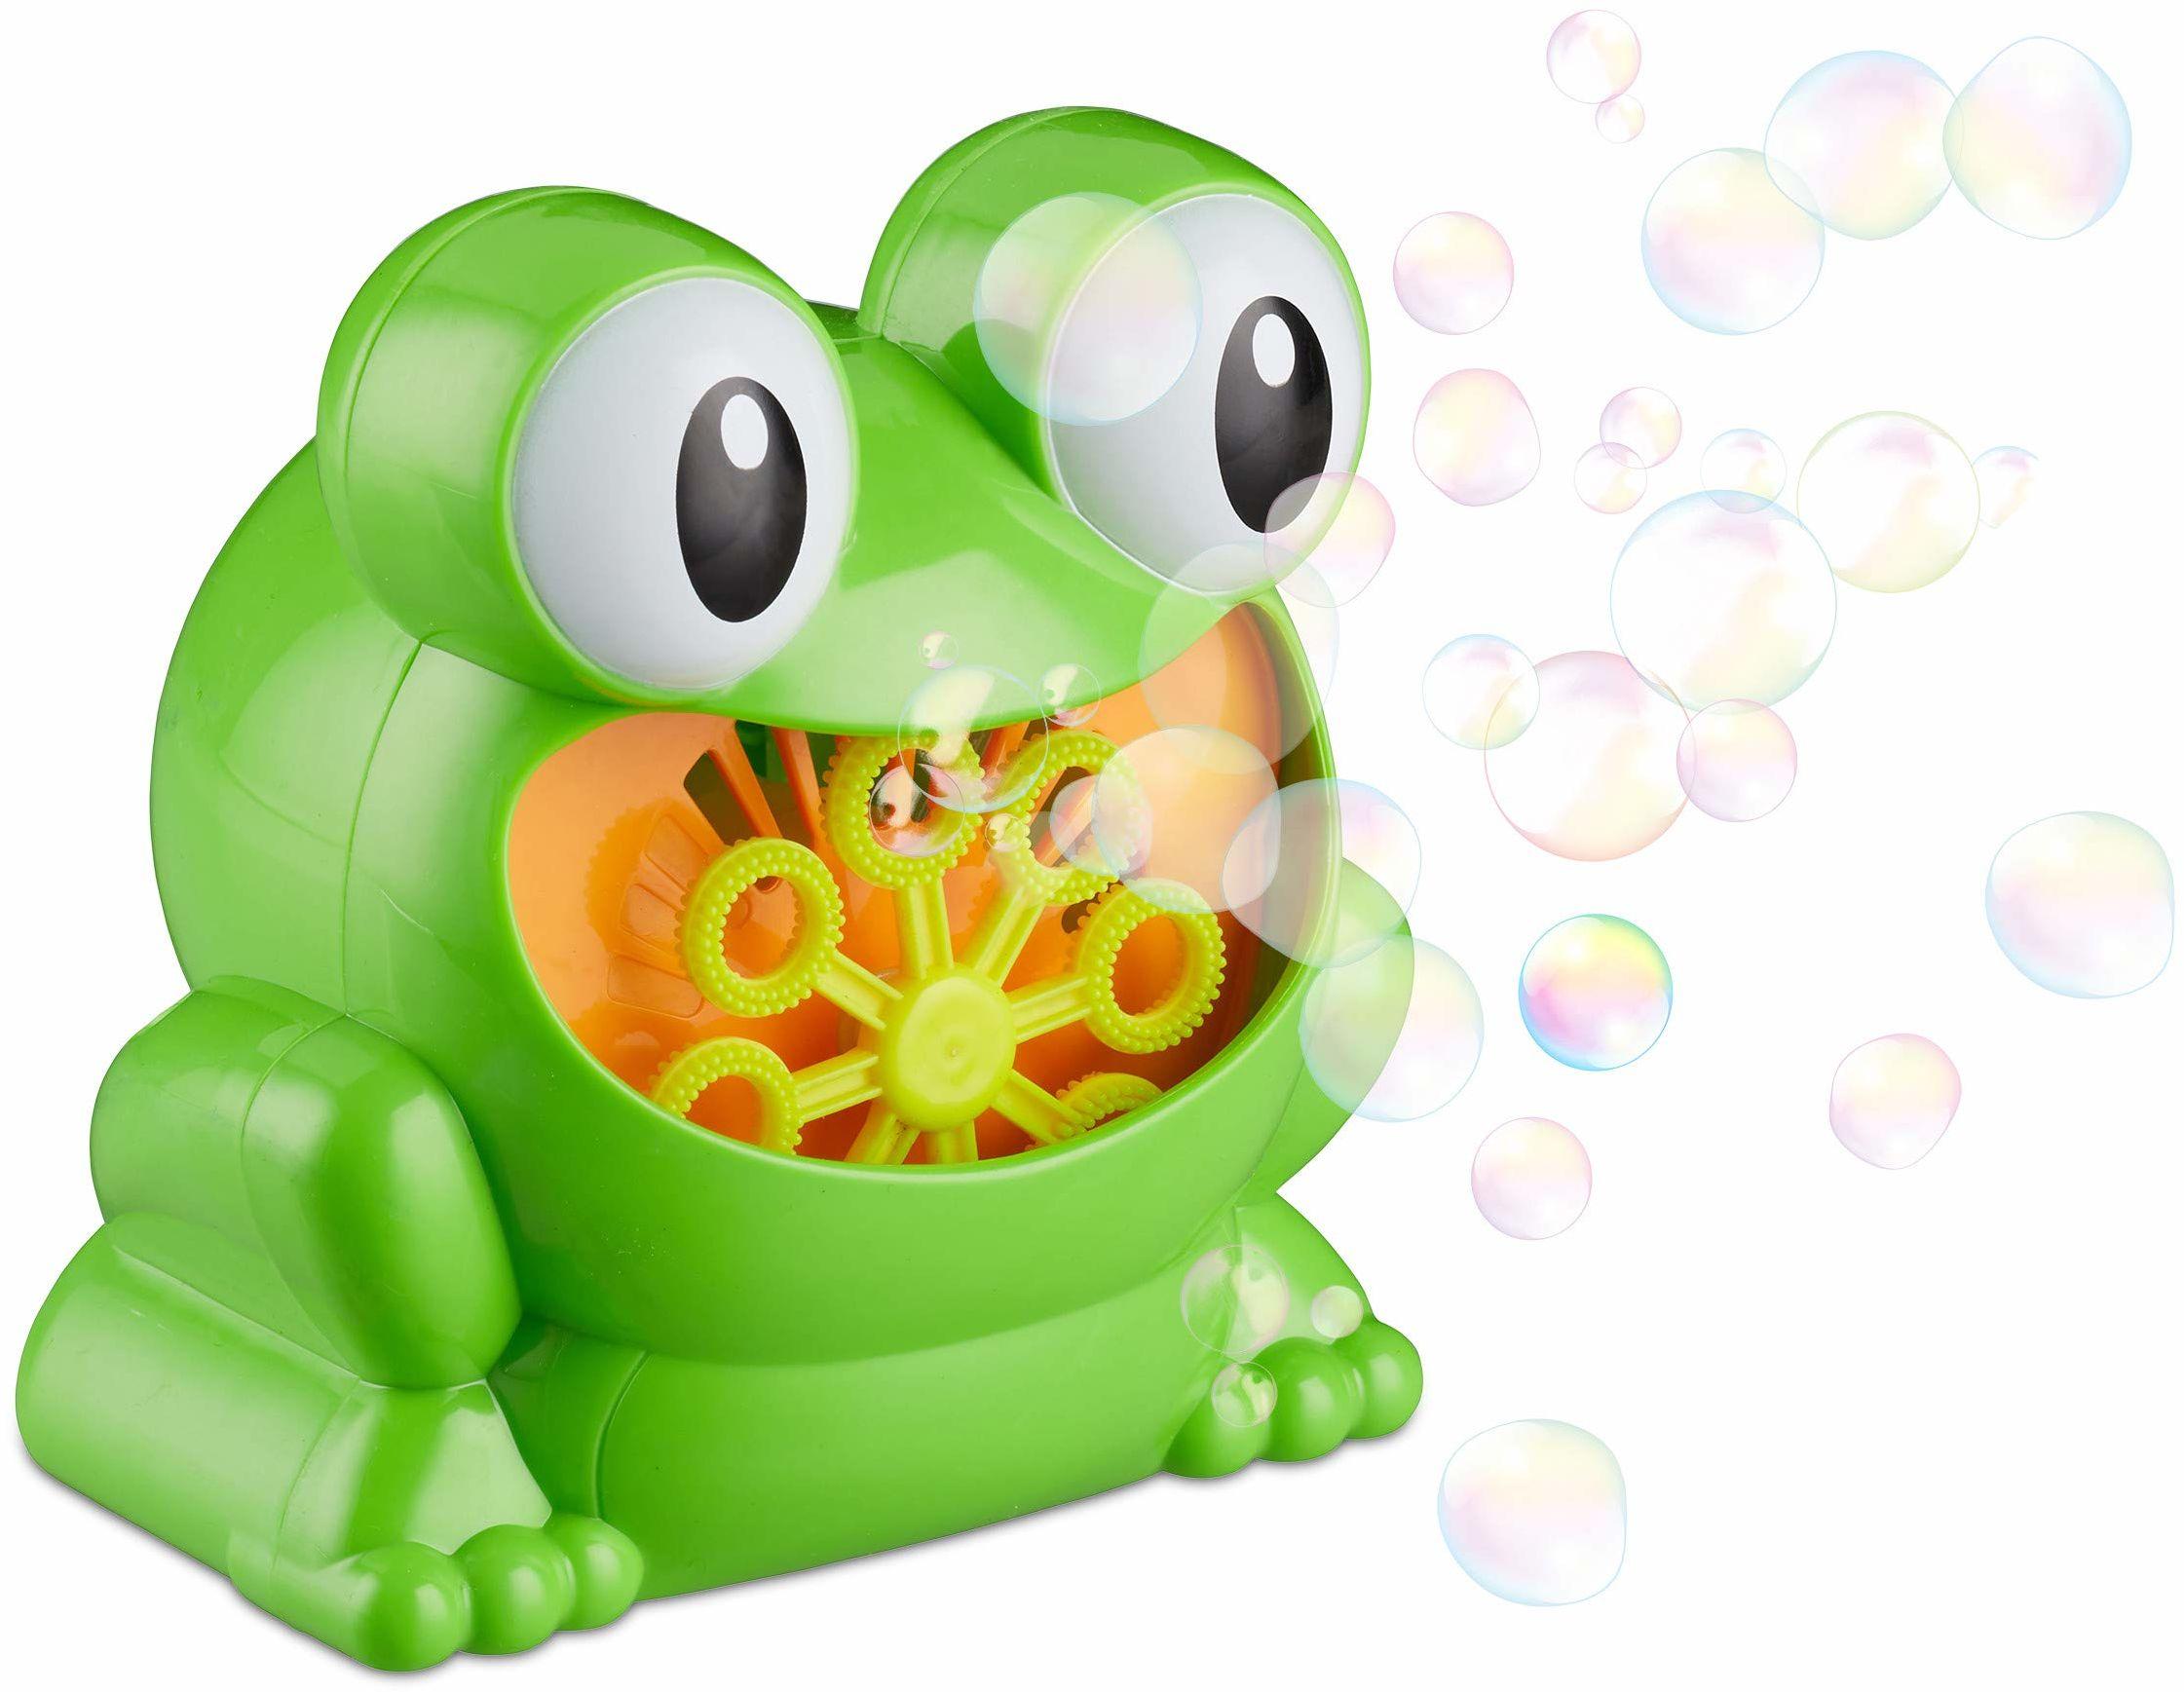 """Relaxdays 10024940 maszyna do baniek mydlanych """"Frosch"""" 13 cm, do baniek mydlanych na urodziny dziecka i ślub, mini maszyna do baniek mydlanych, zielona"""